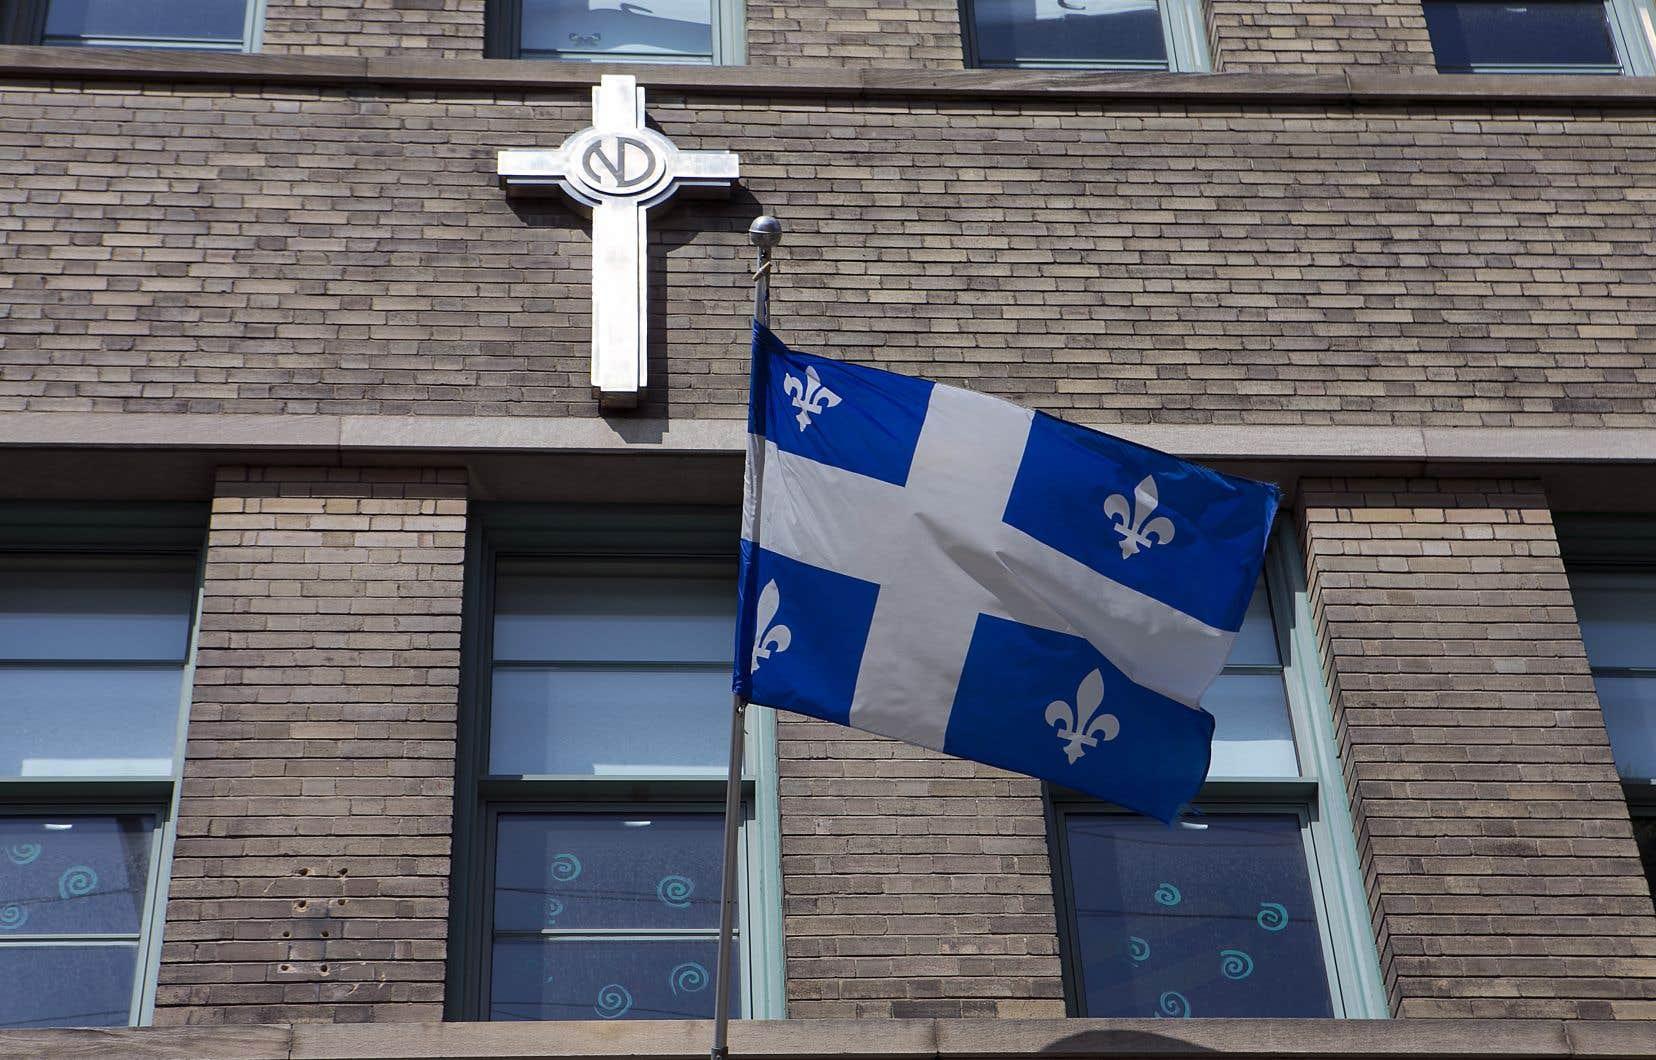 Un crucifix sur la façade le l'école La Petite-Patrie, à Montréal. Un amendement ajouté à la dernière minute dans les heures précédant l'adoption de la Loi sur la laïcité de l'État, en juin, empêche tout citoyen de demander le retrait d'un symbole religieux.